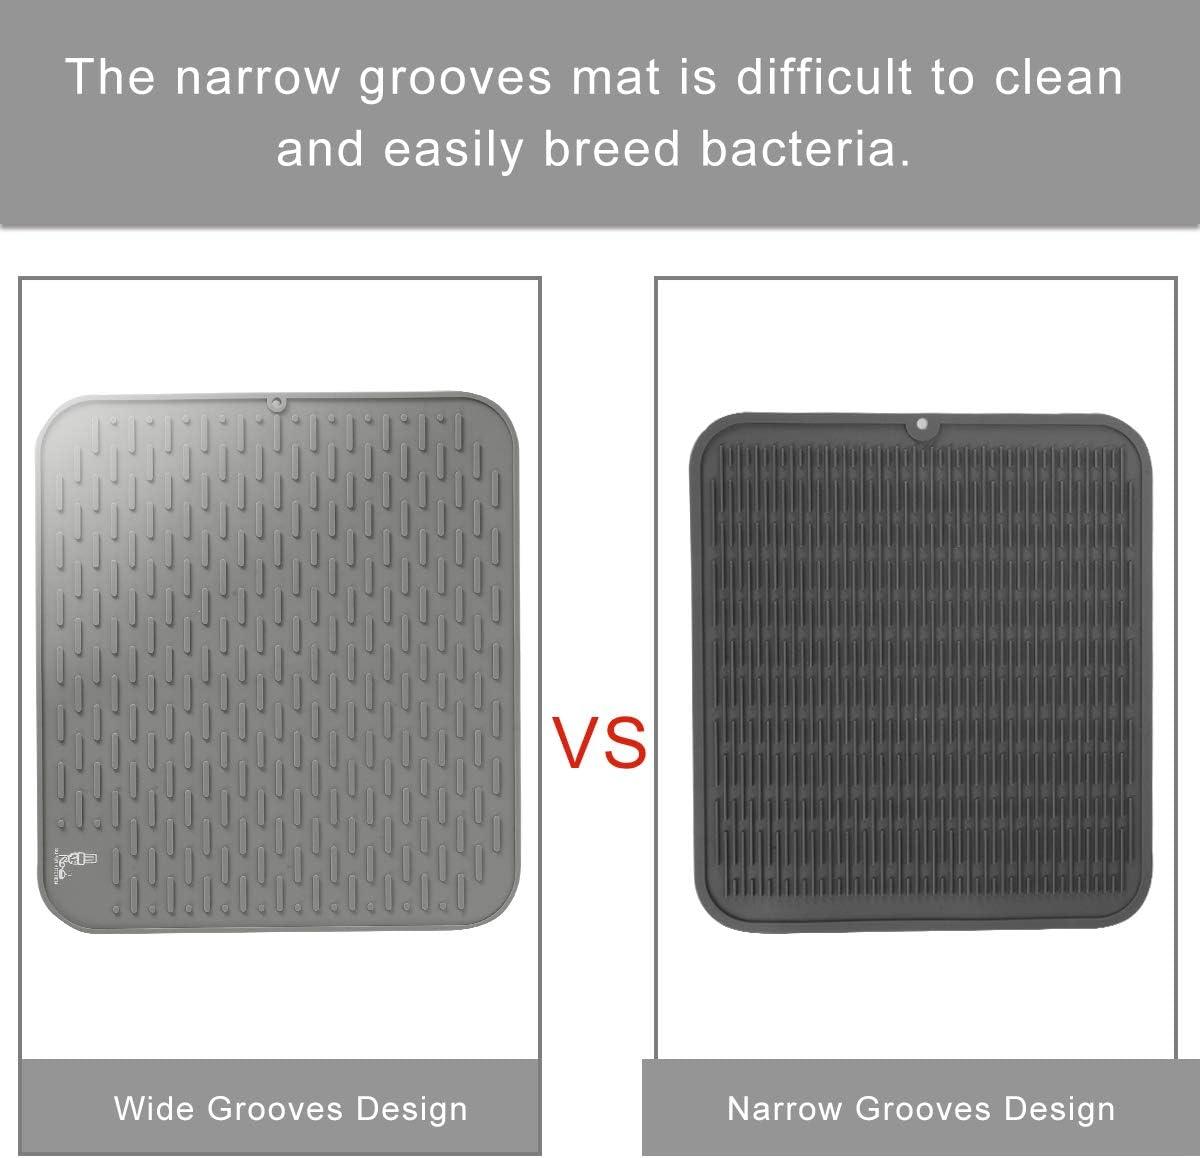 color gris con cepillo de limpieza multifuncional para la encimera alfombrilla escurridora posavasos resistente al calor 54 x 46 cm Gran vajilla de silicona para secado